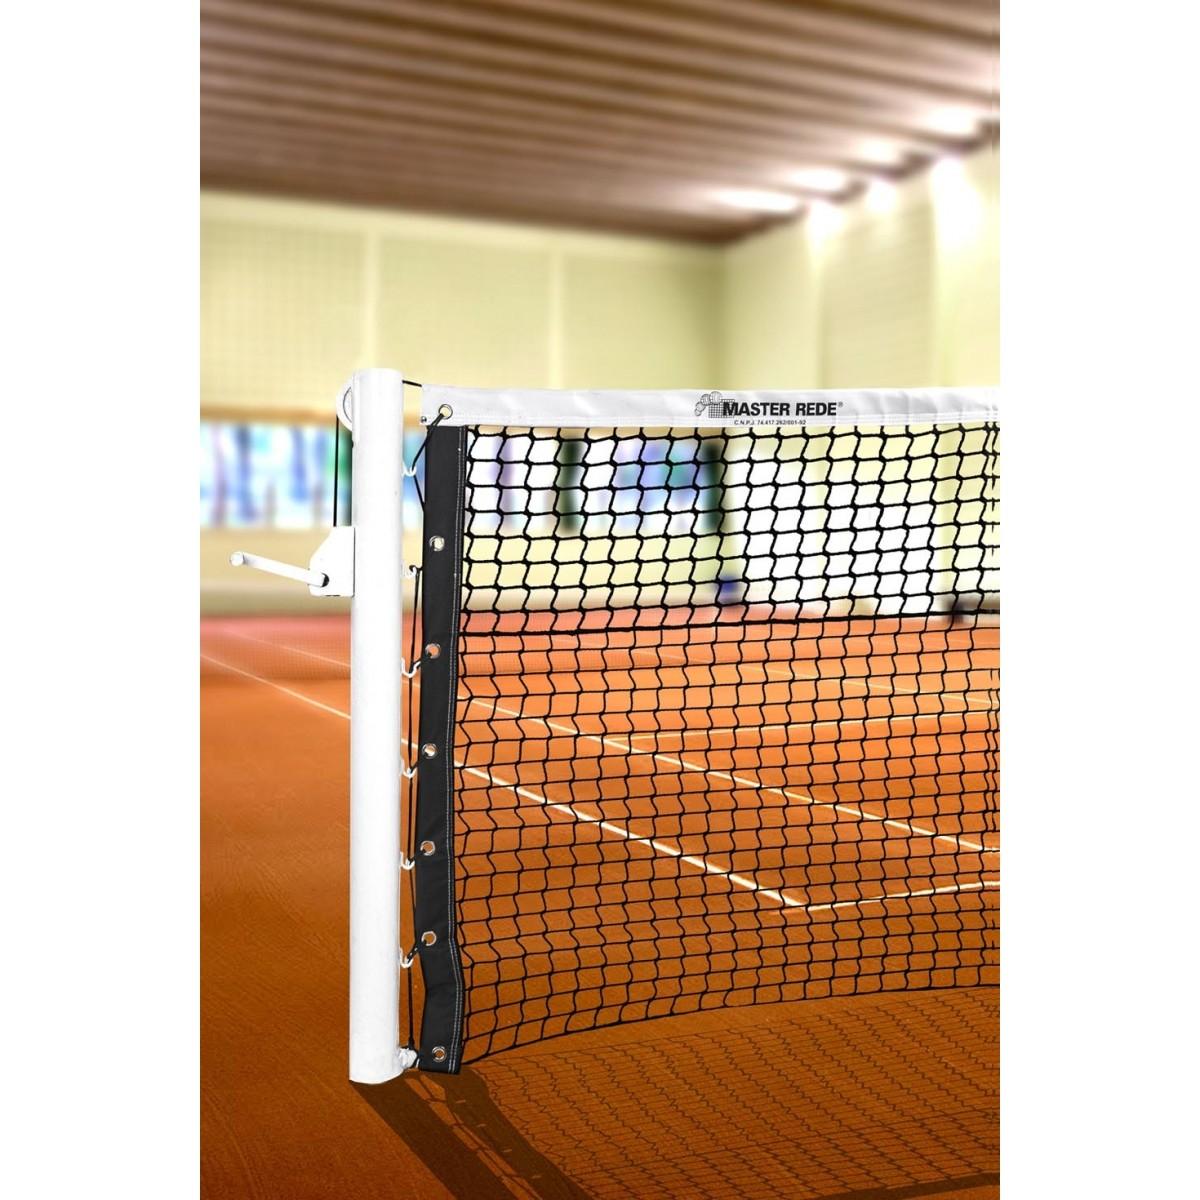 Rede de Tenis Master Rede Oficial - Saque Duplo 2,5mm